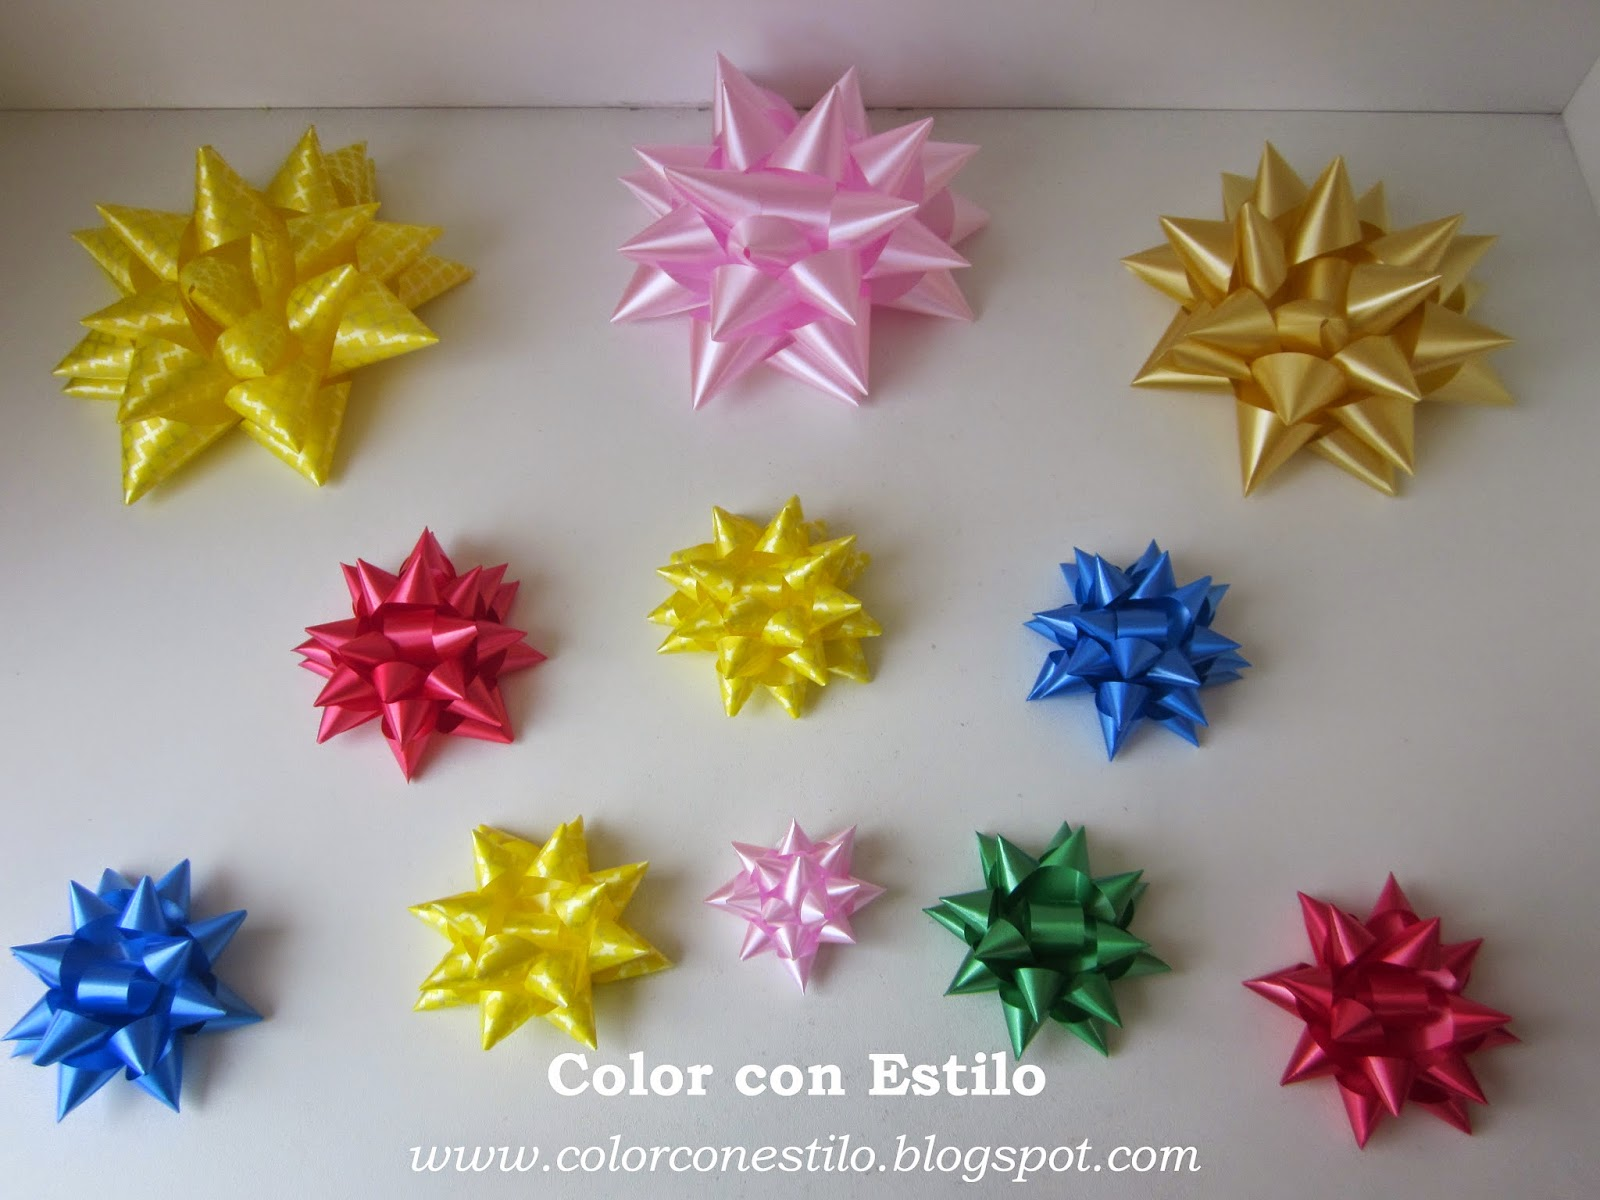 Color con estilo mo os para regalo - Cinta para regalo ...